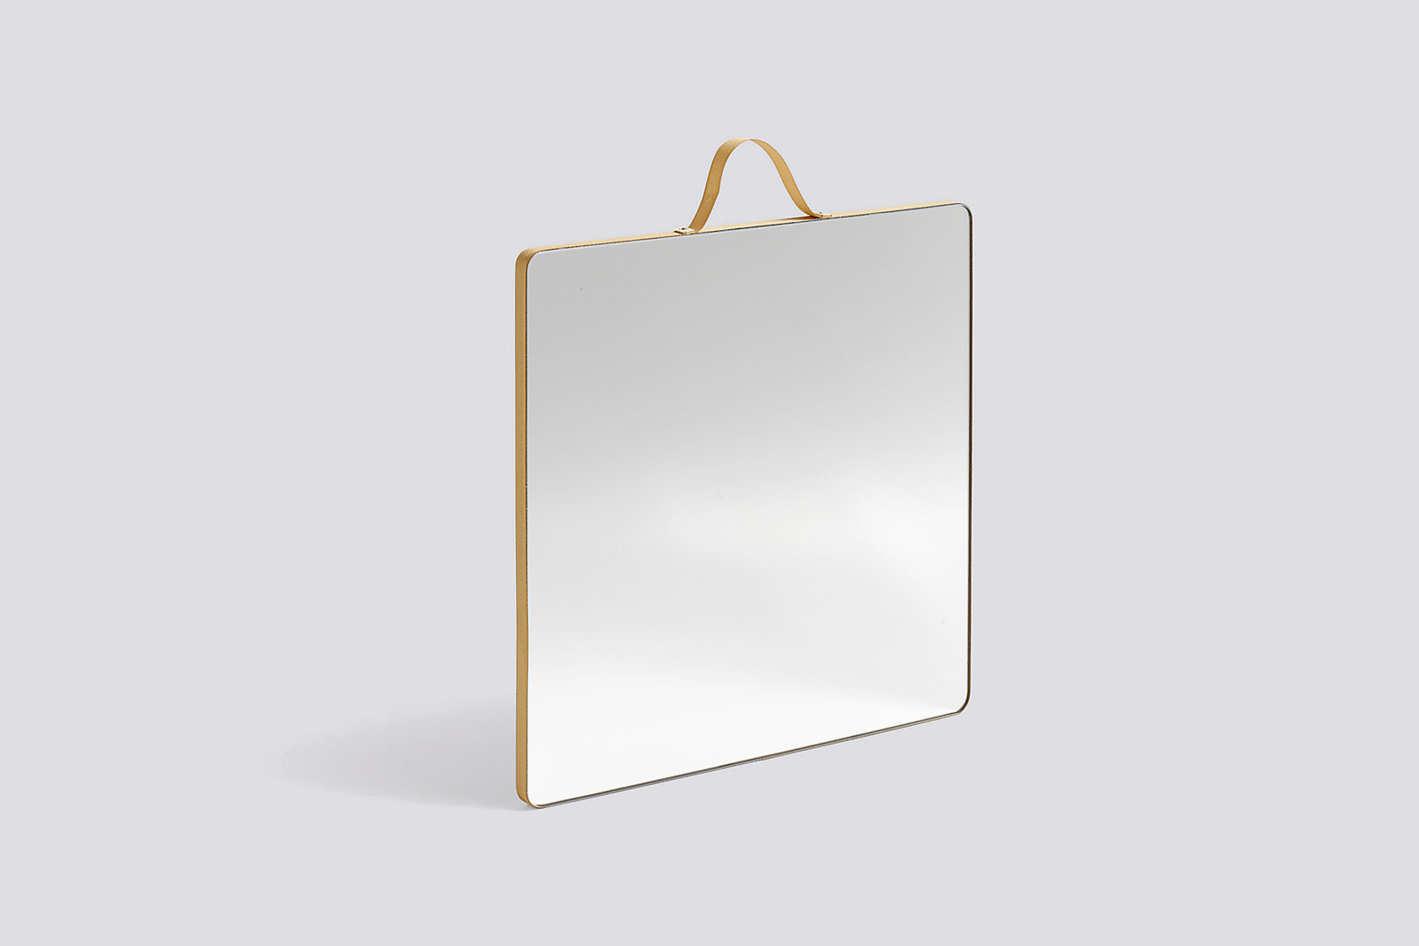 Ruban Mirror Square